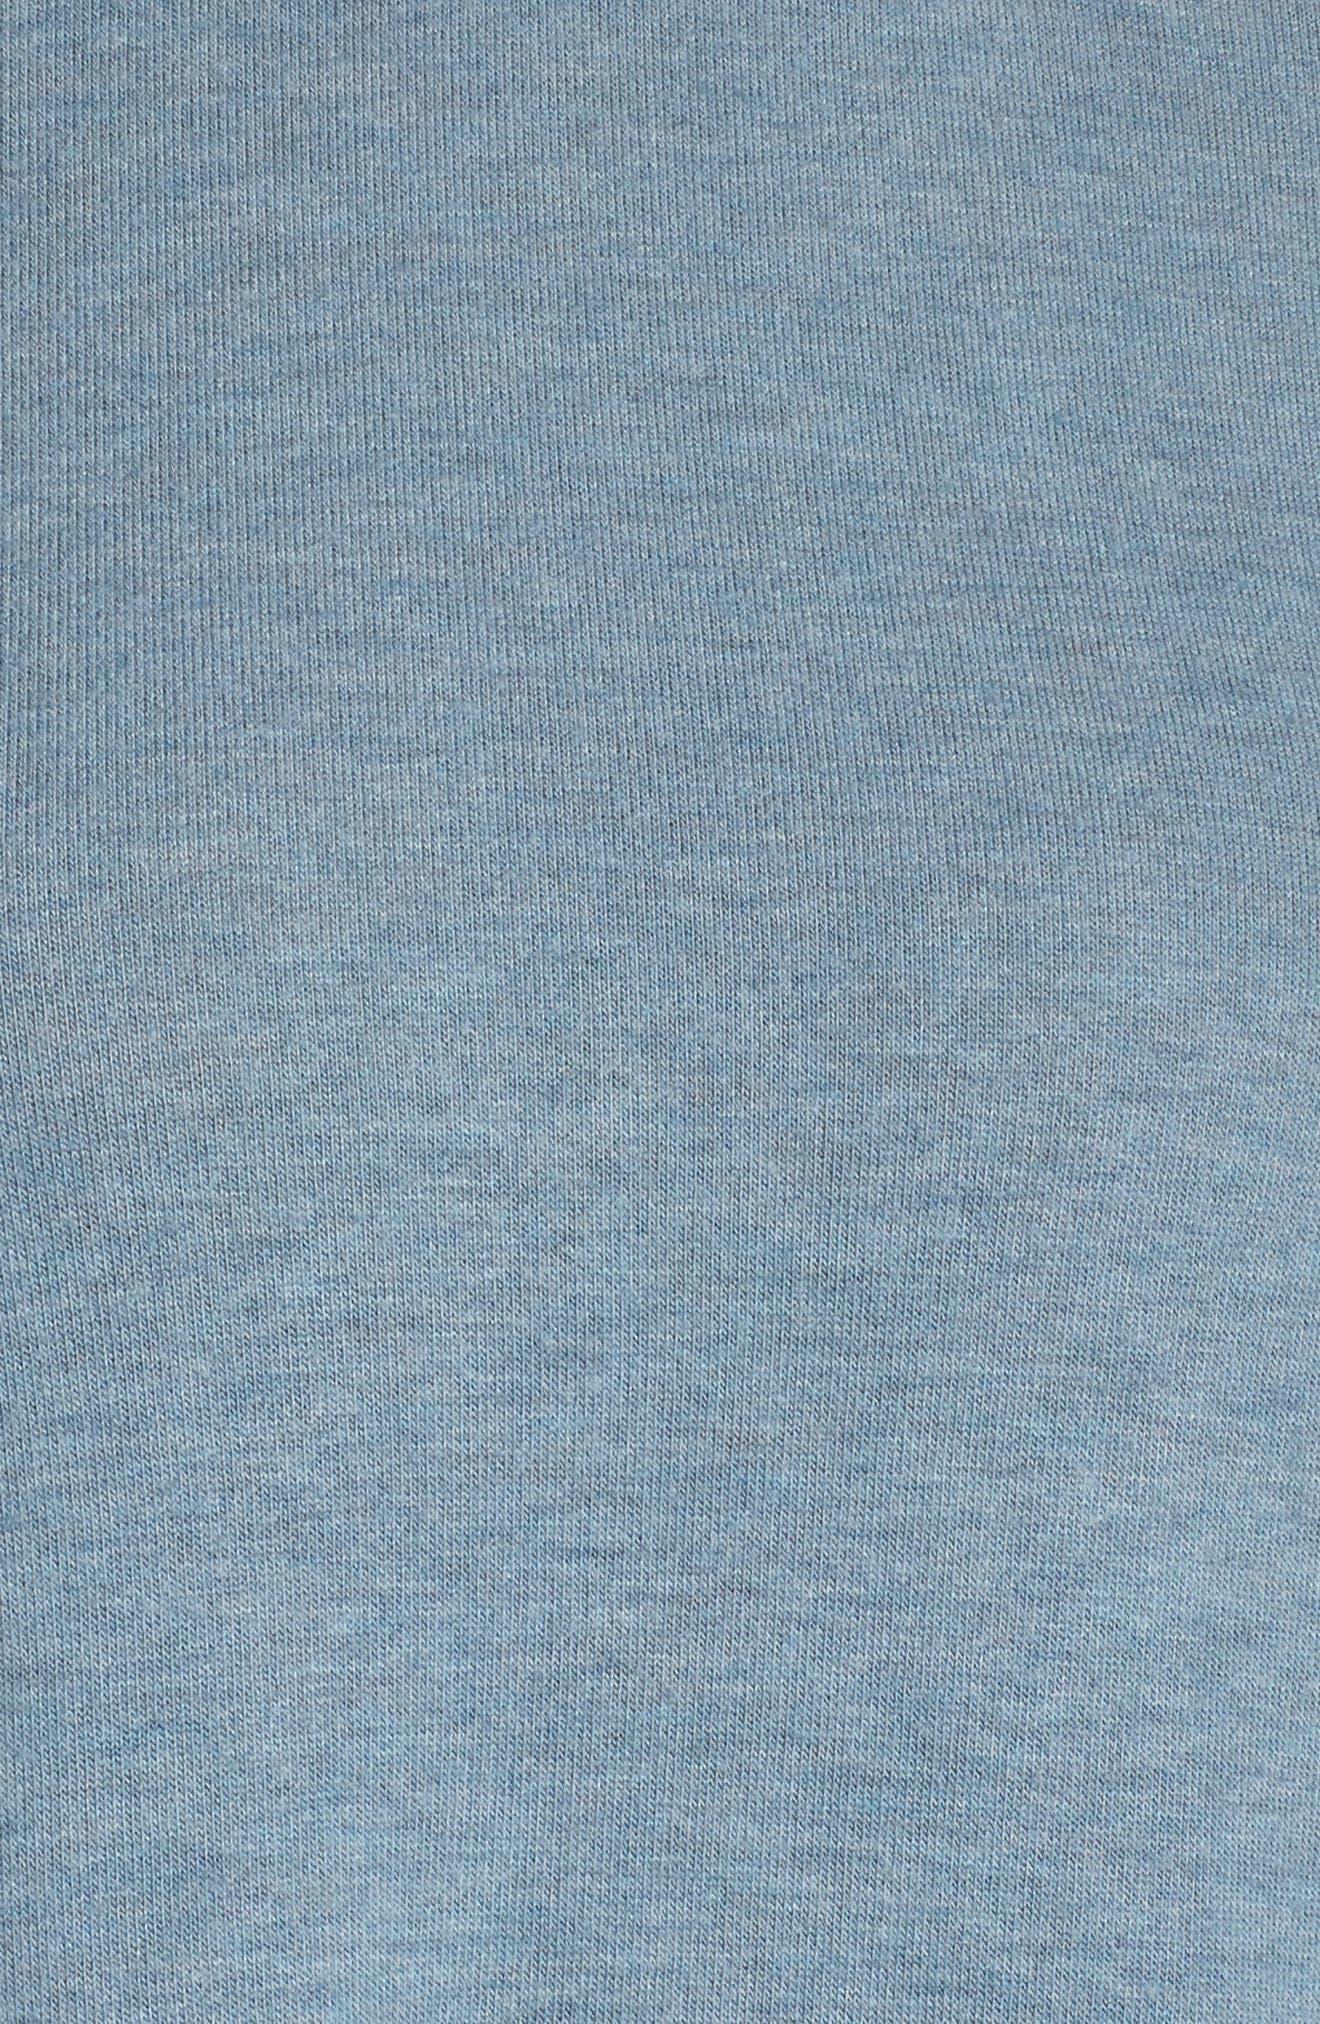 'Glimpse' Long Sleeve Top,                             Alternate thumbnail 6, color,                             CONCRETE HEATHER